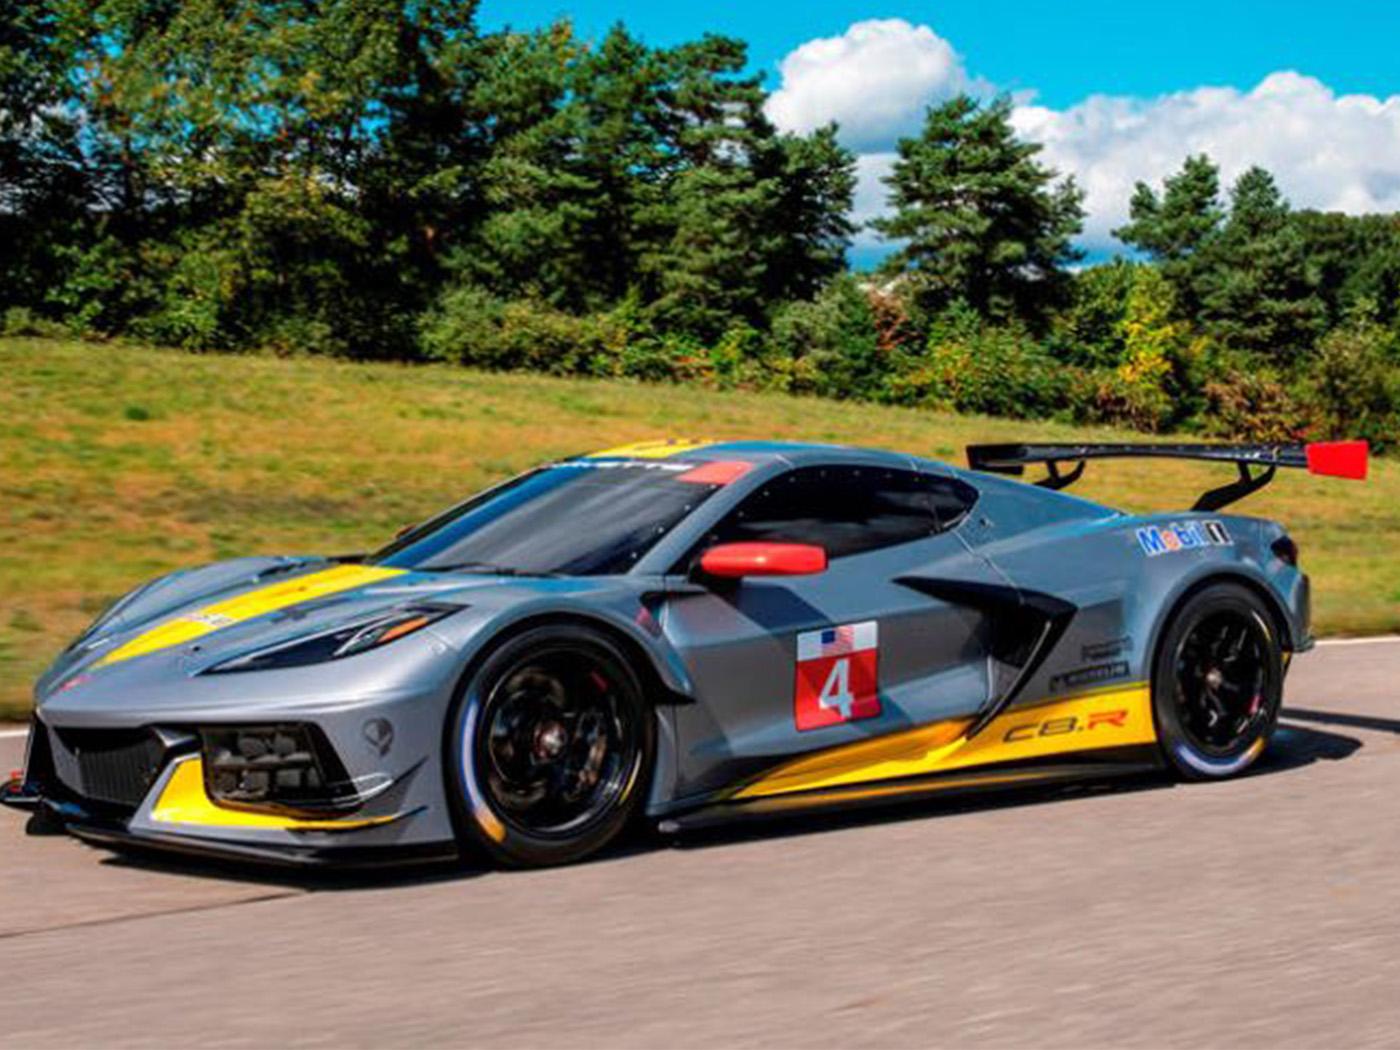 Otomotiv Devi Chevrolet, Yarış Araçlarında 3D Baskı Parça Kullanıyor